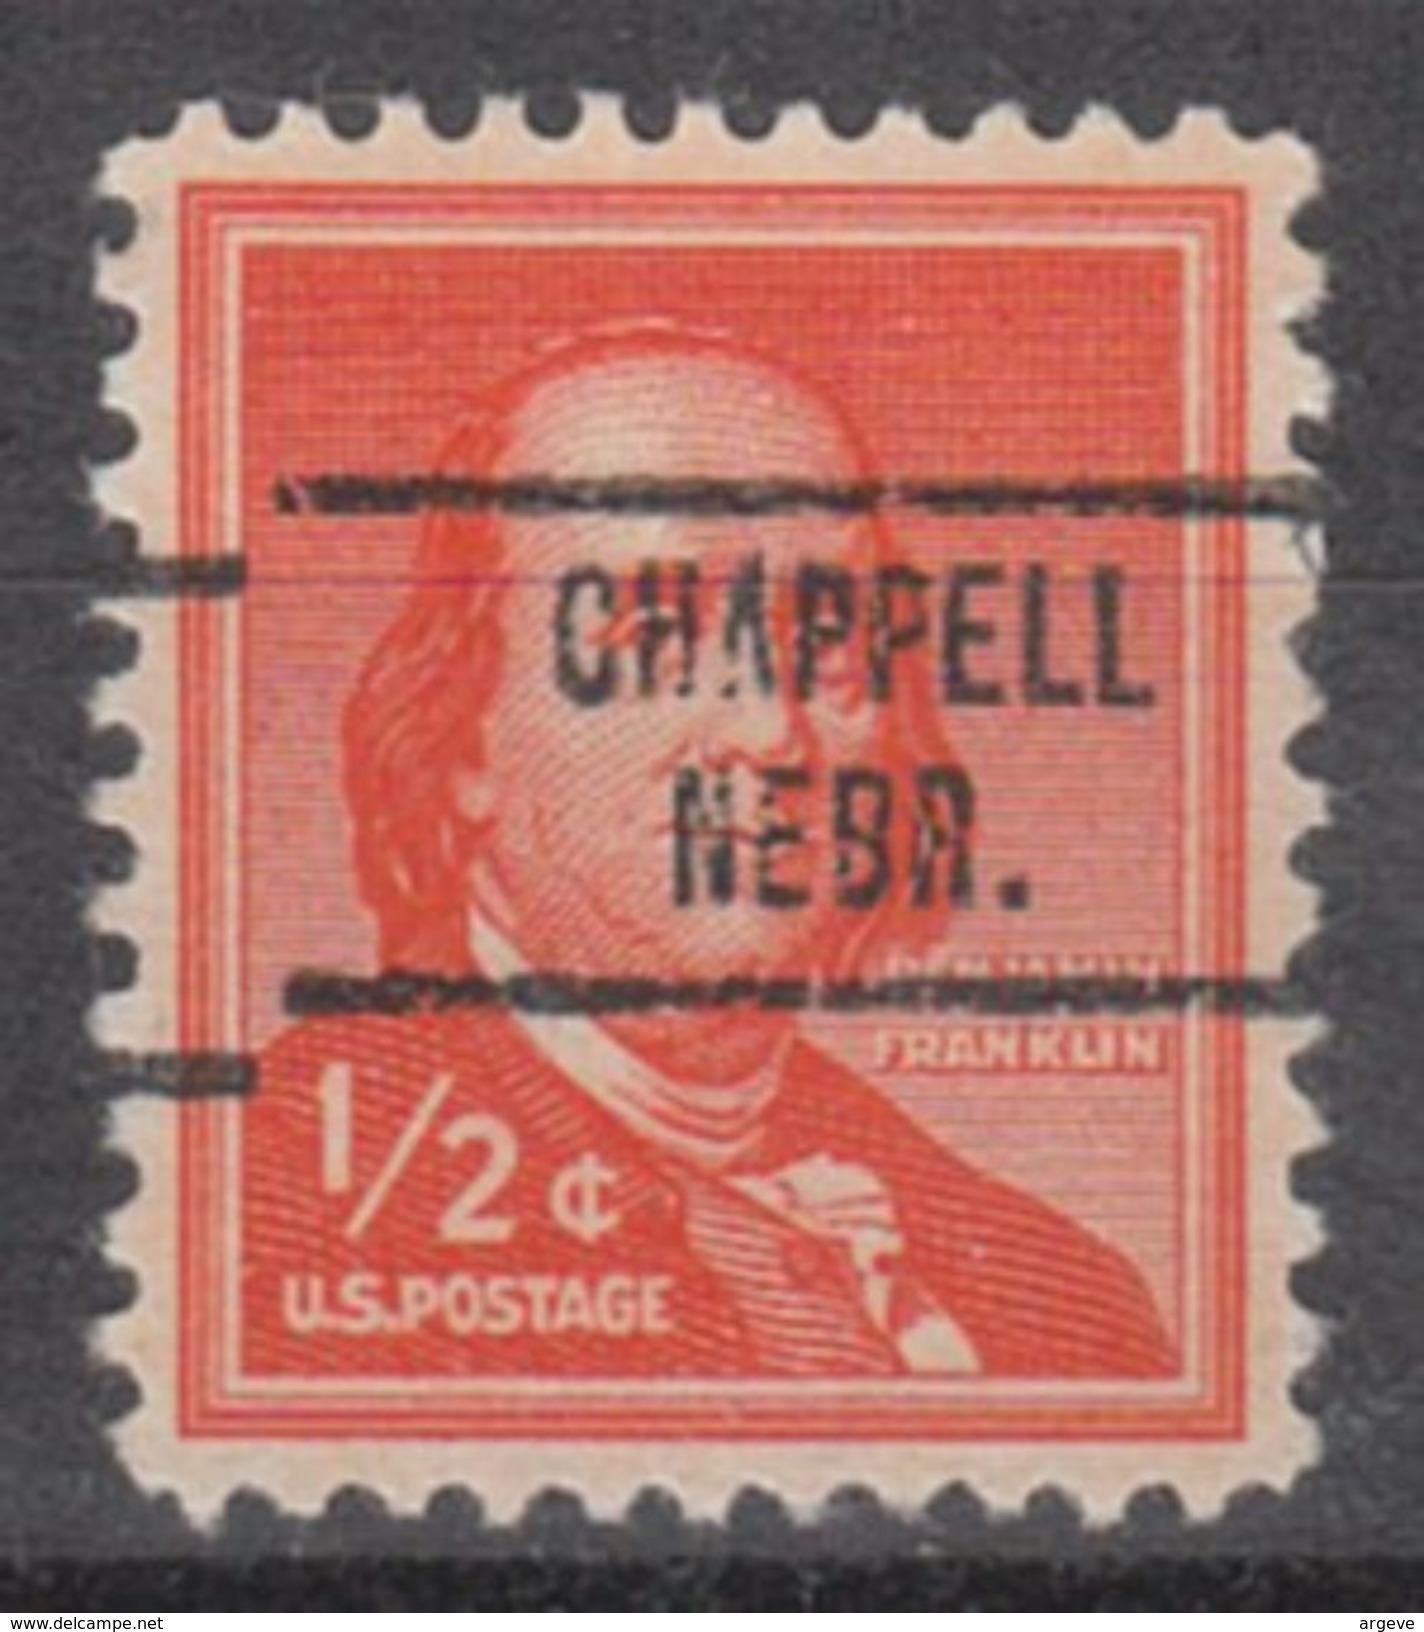 USA Precancel Vorausentwertung Preo, Locals Nebraska, Chappell 734 - Vereinigte Staaten